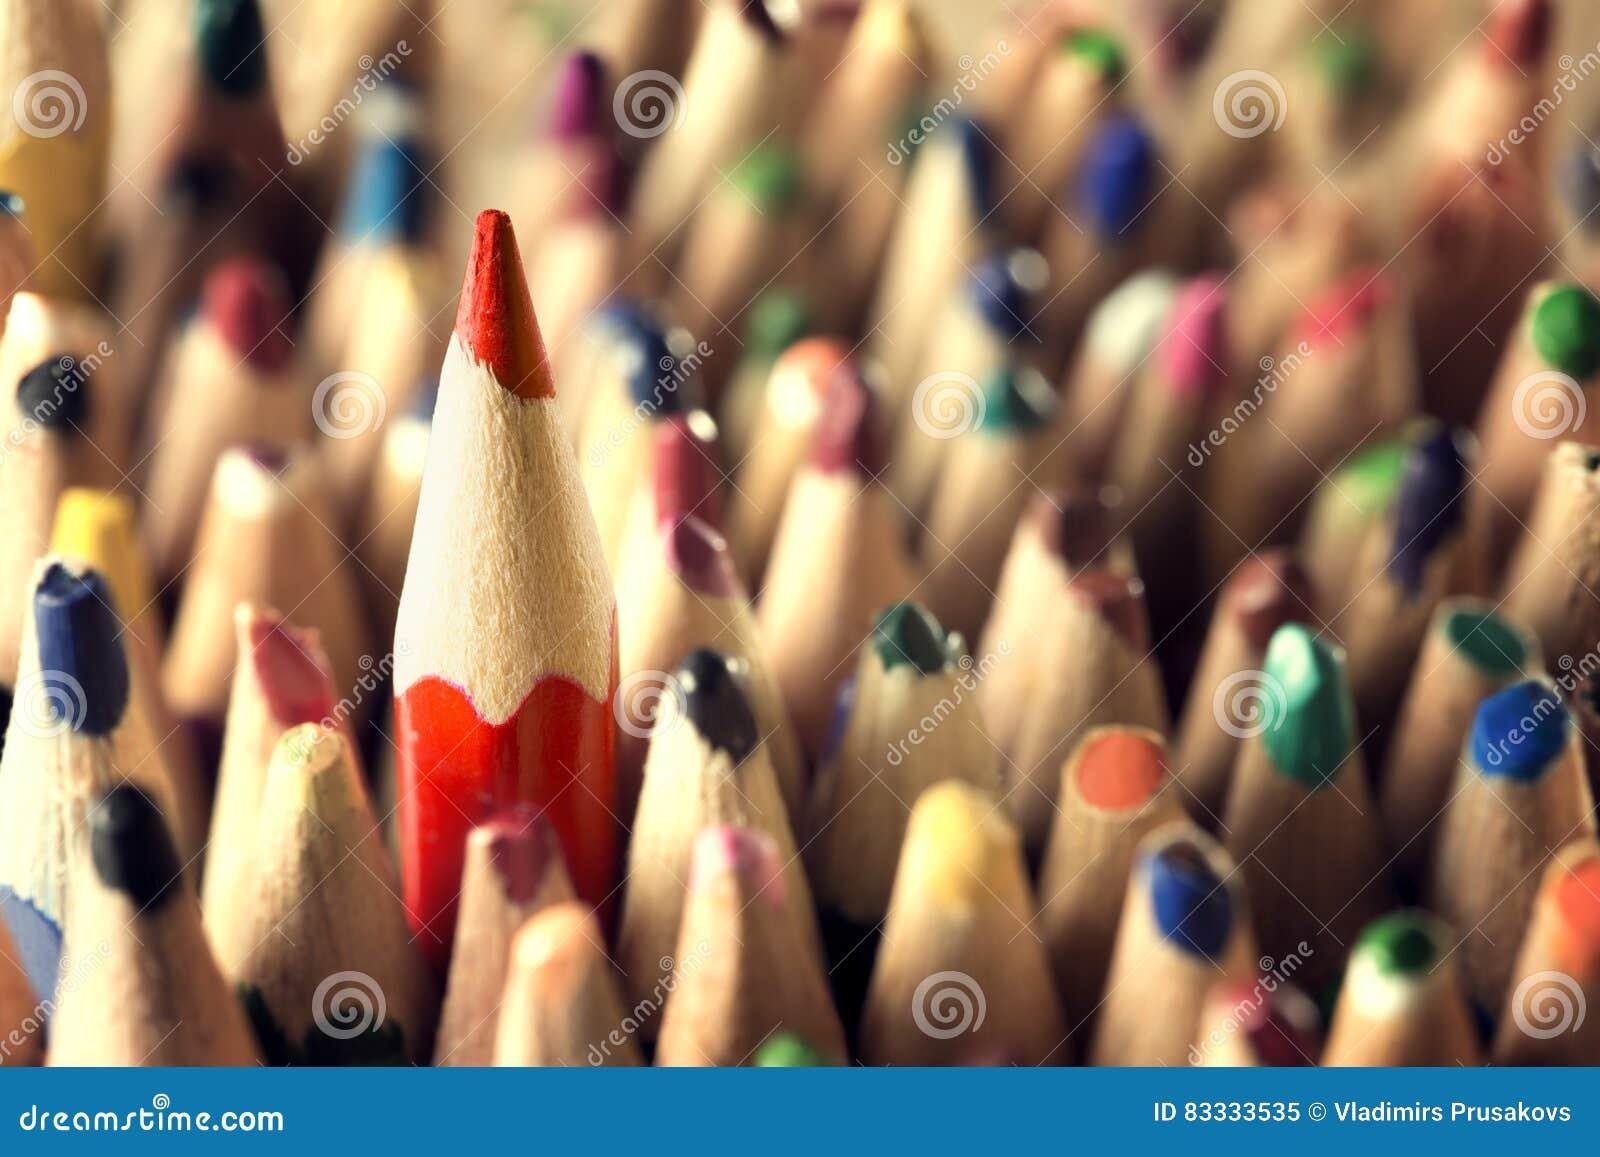 Bleistift-Führer Concept, scharf in verwendeter Bleistift-Menge, neue Idee